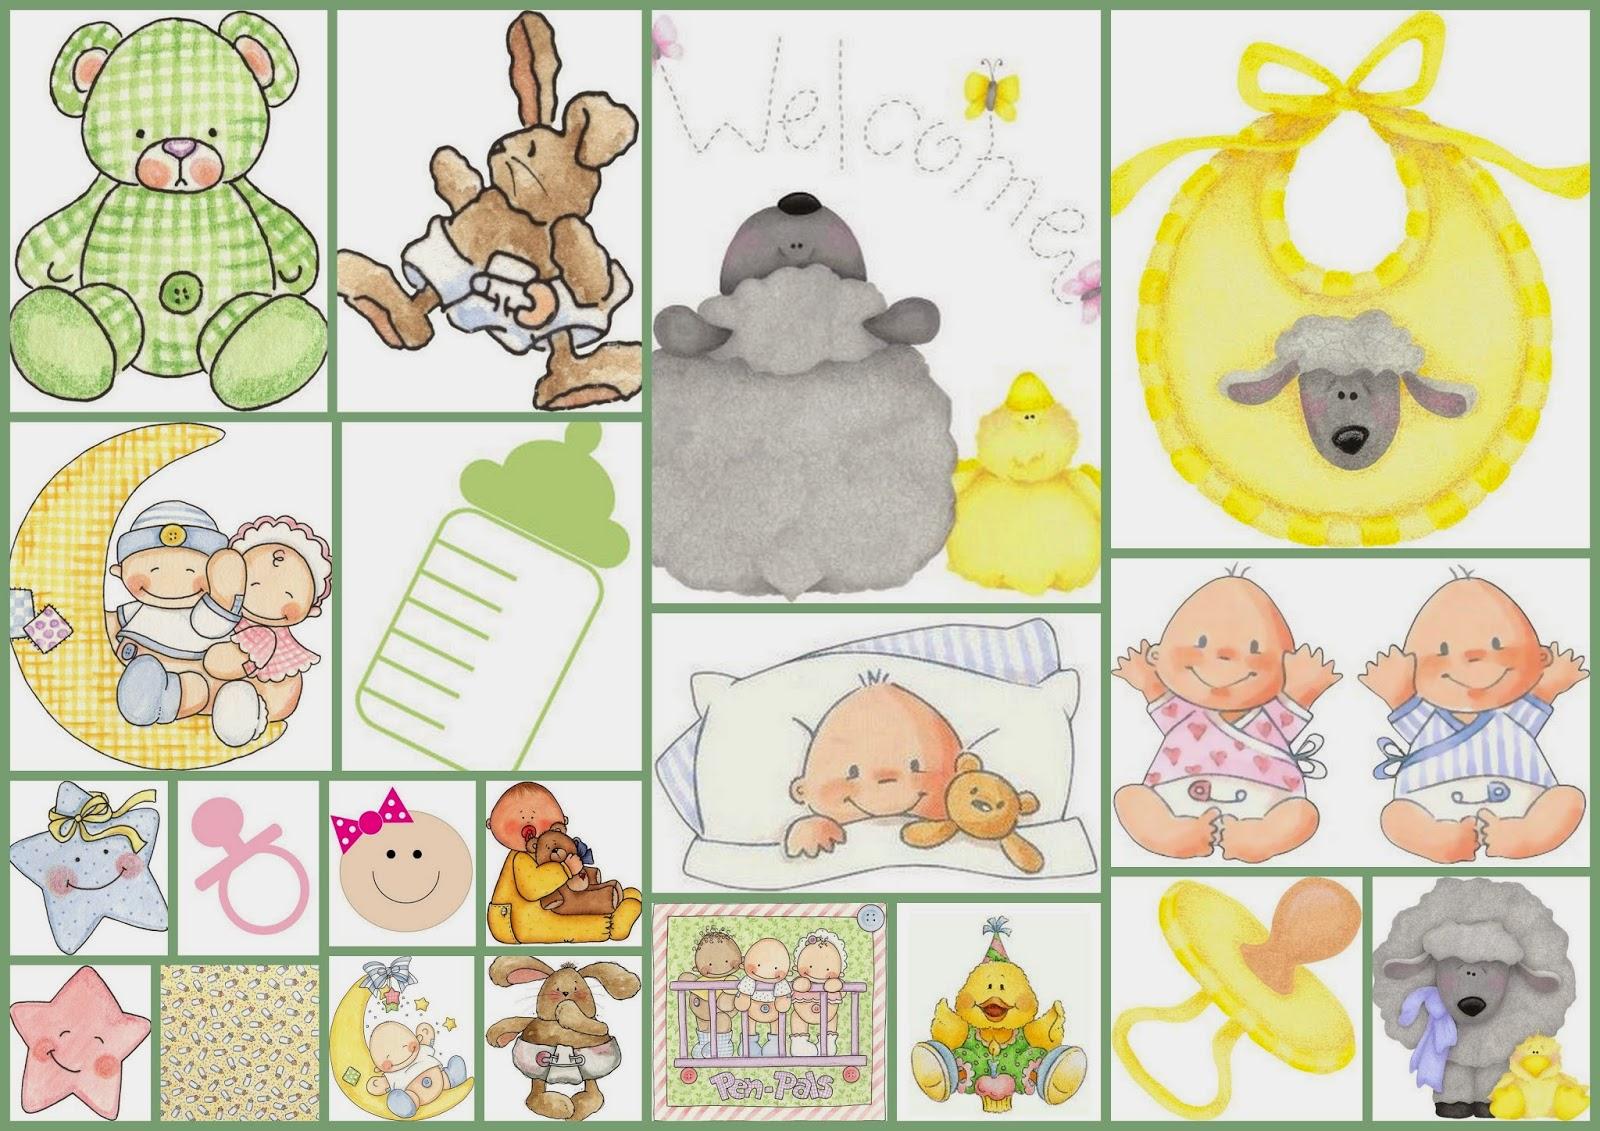 Tiernas Imágenes para tus Fiestas de Bebés.